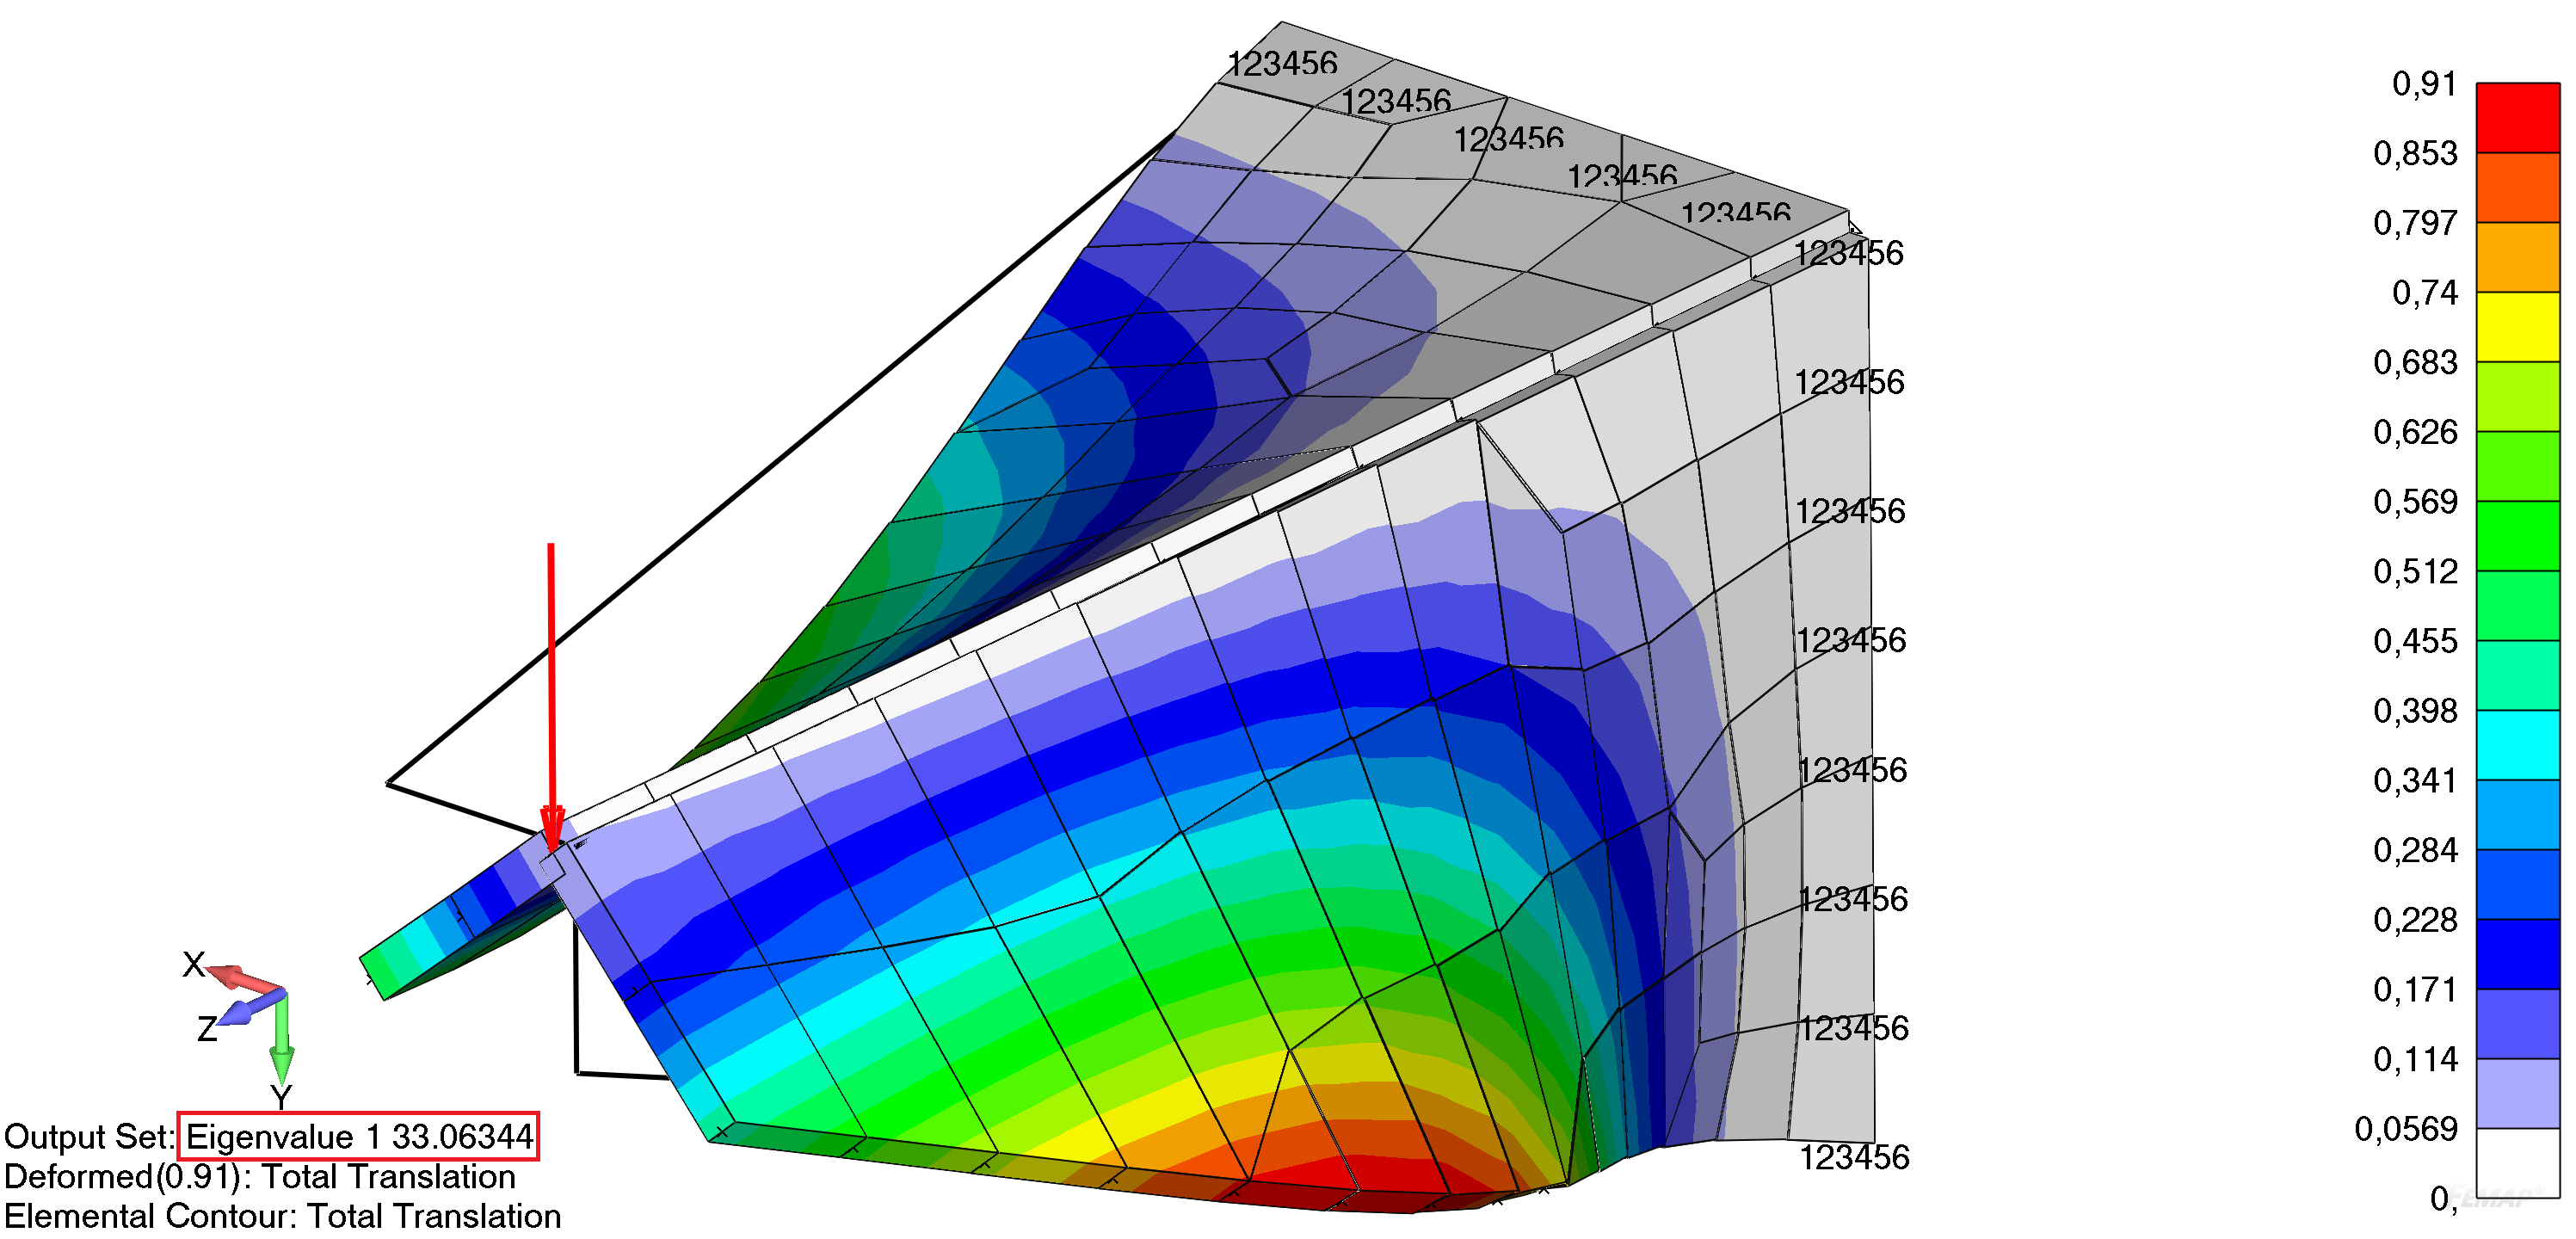 Femap Визуализация формы потери устойчивости кронштейна